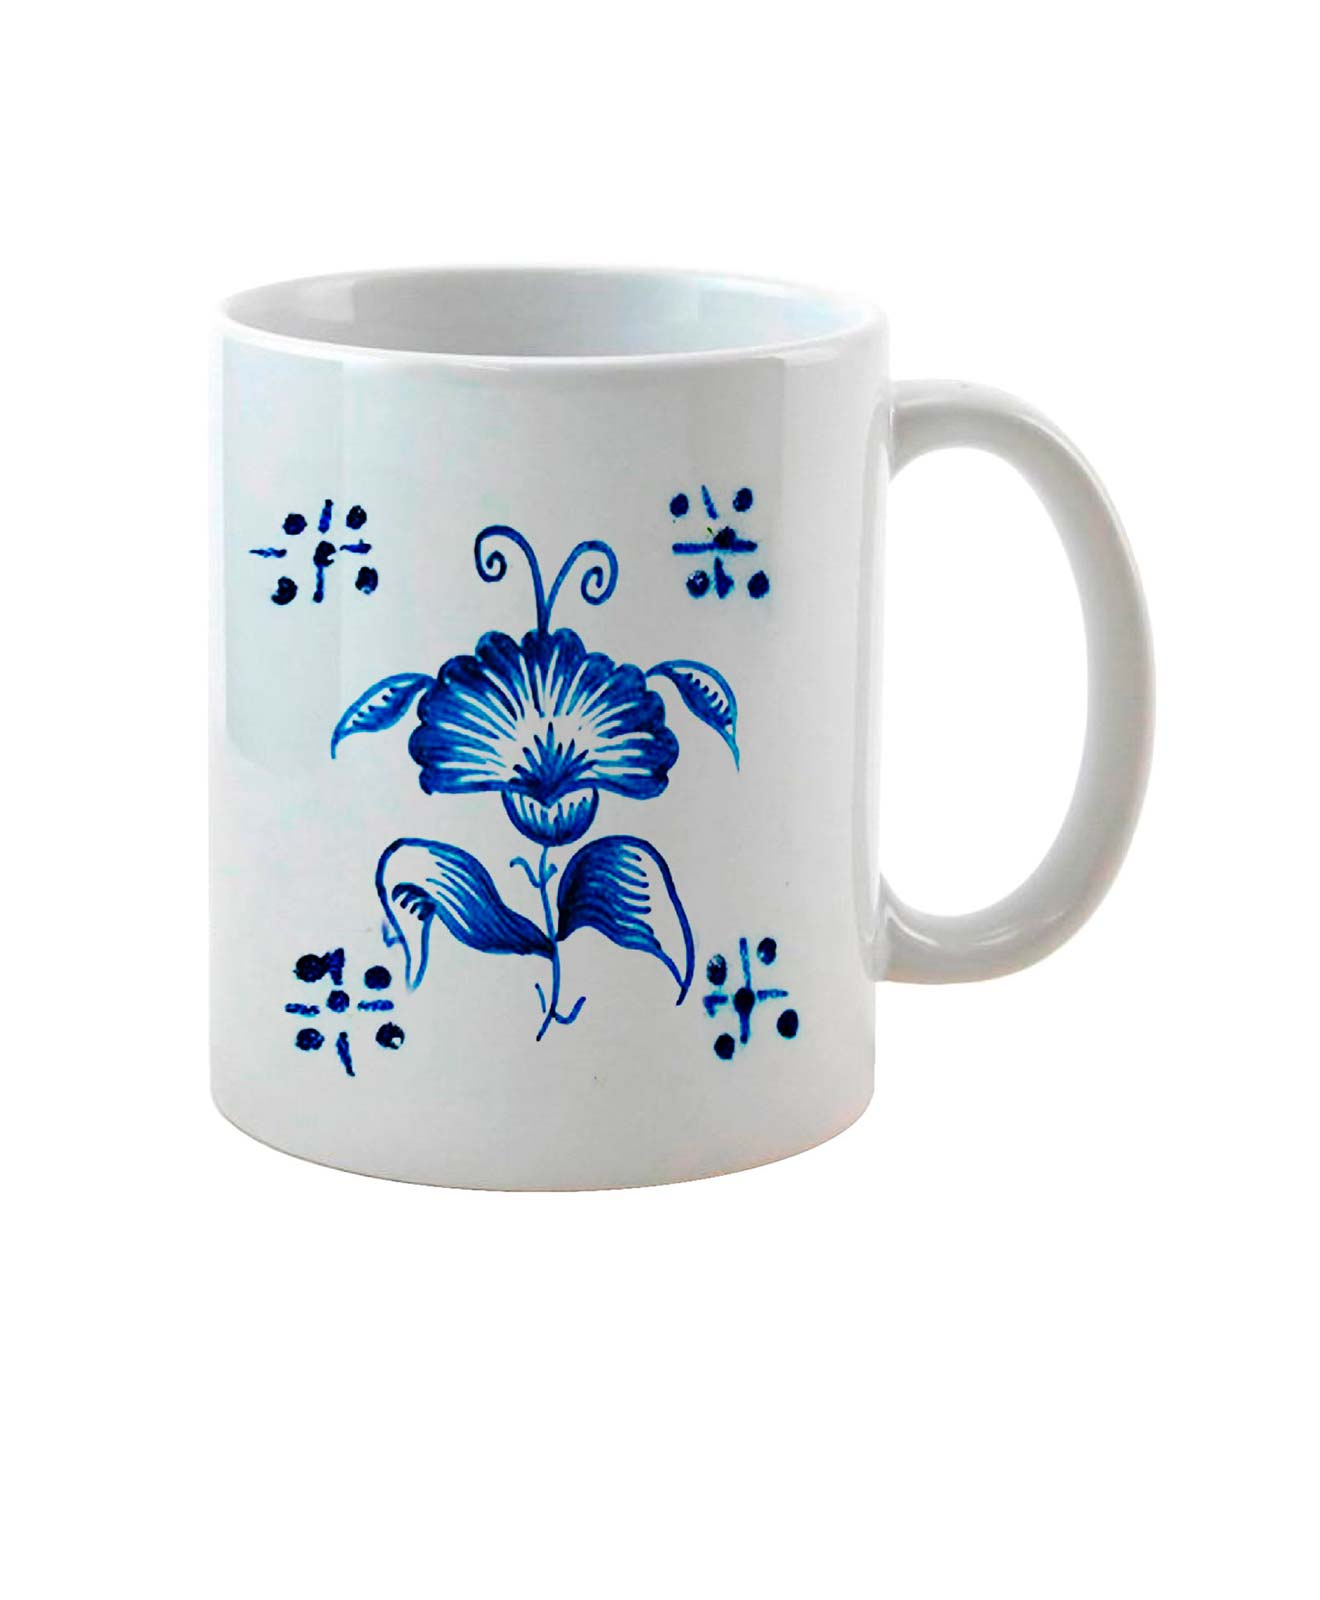 Carnation on Tile Ceramic White Mug